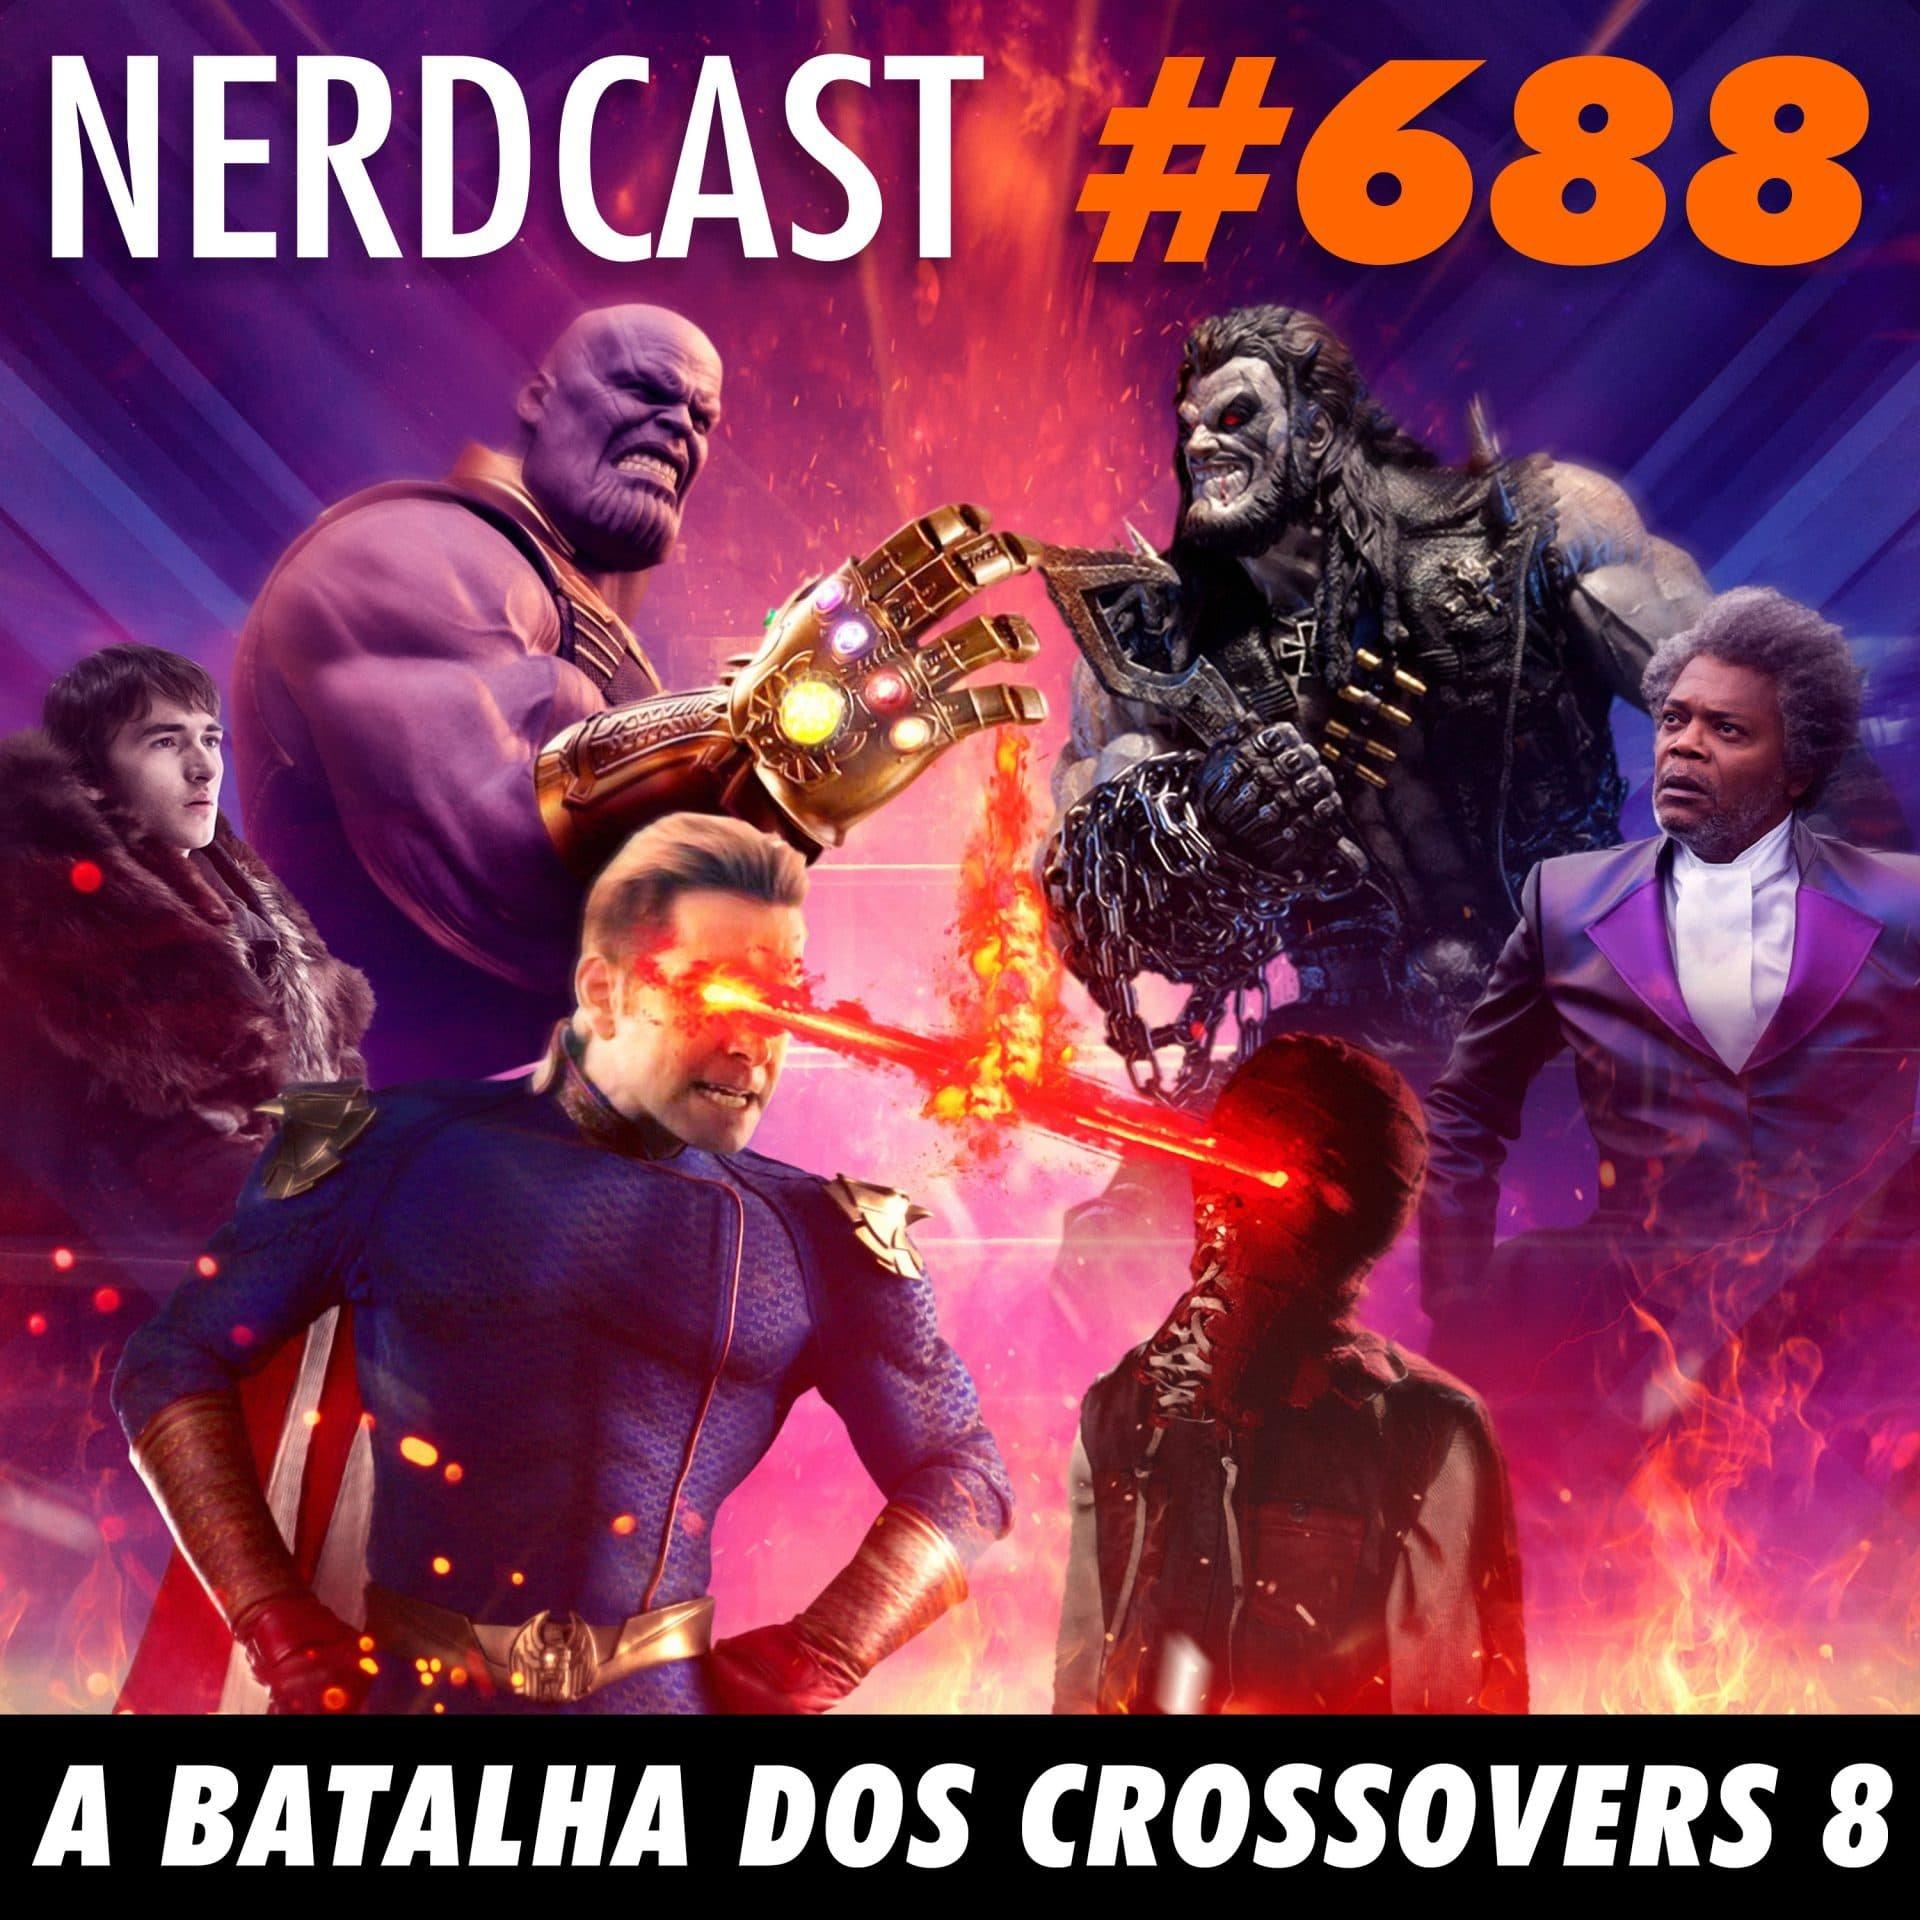 NerdCast 688 - A batalha dos Crossovers 8